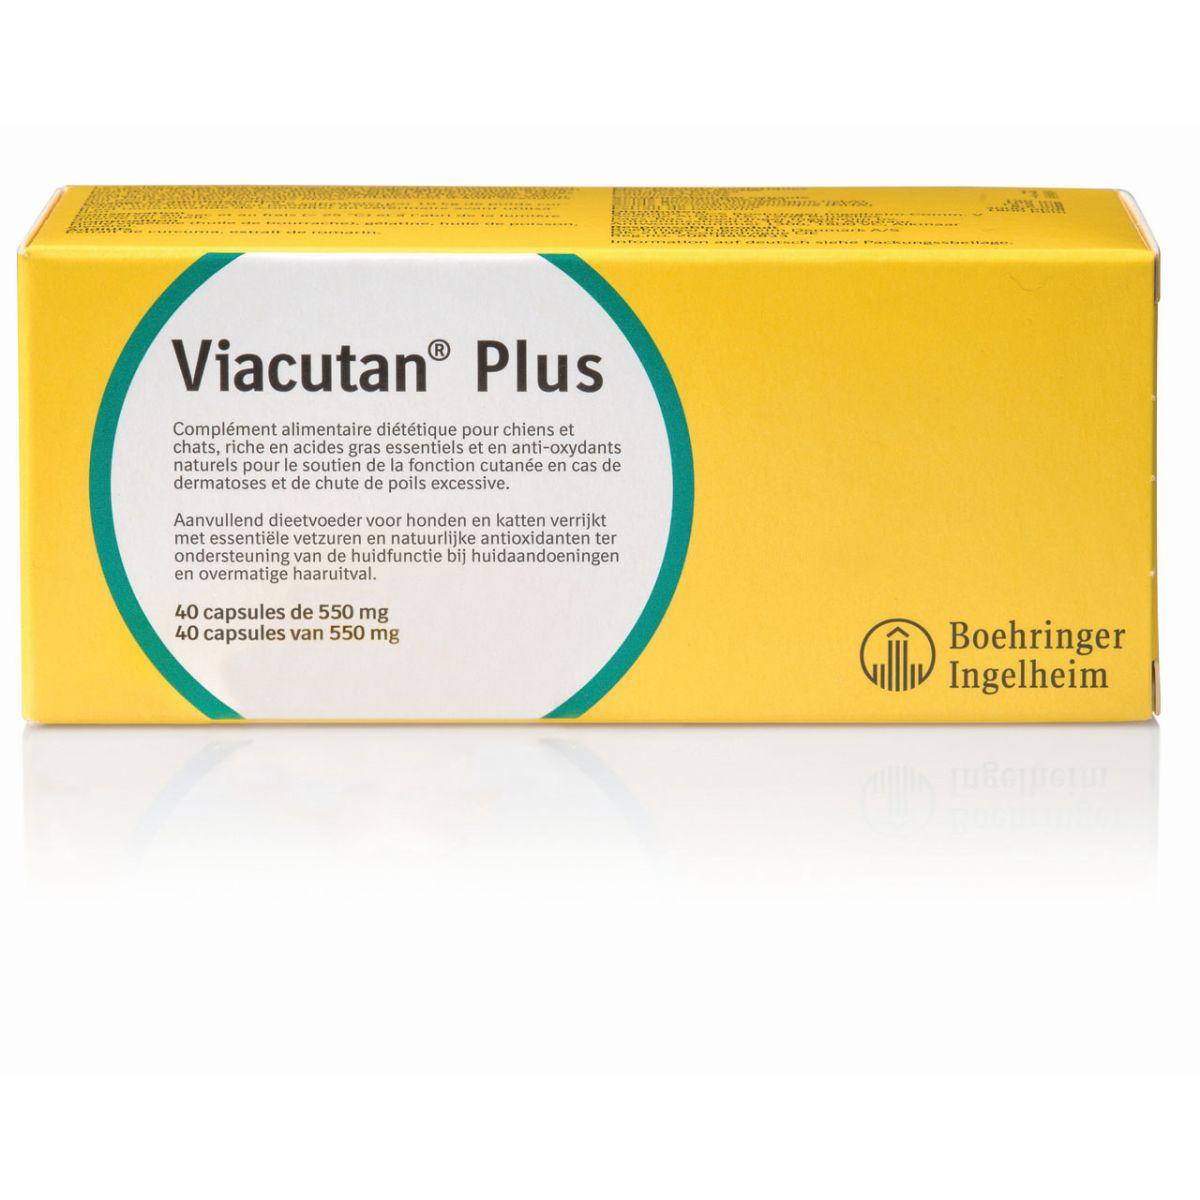 VIACUTAN PLUS 40 CAPSULES N 00001